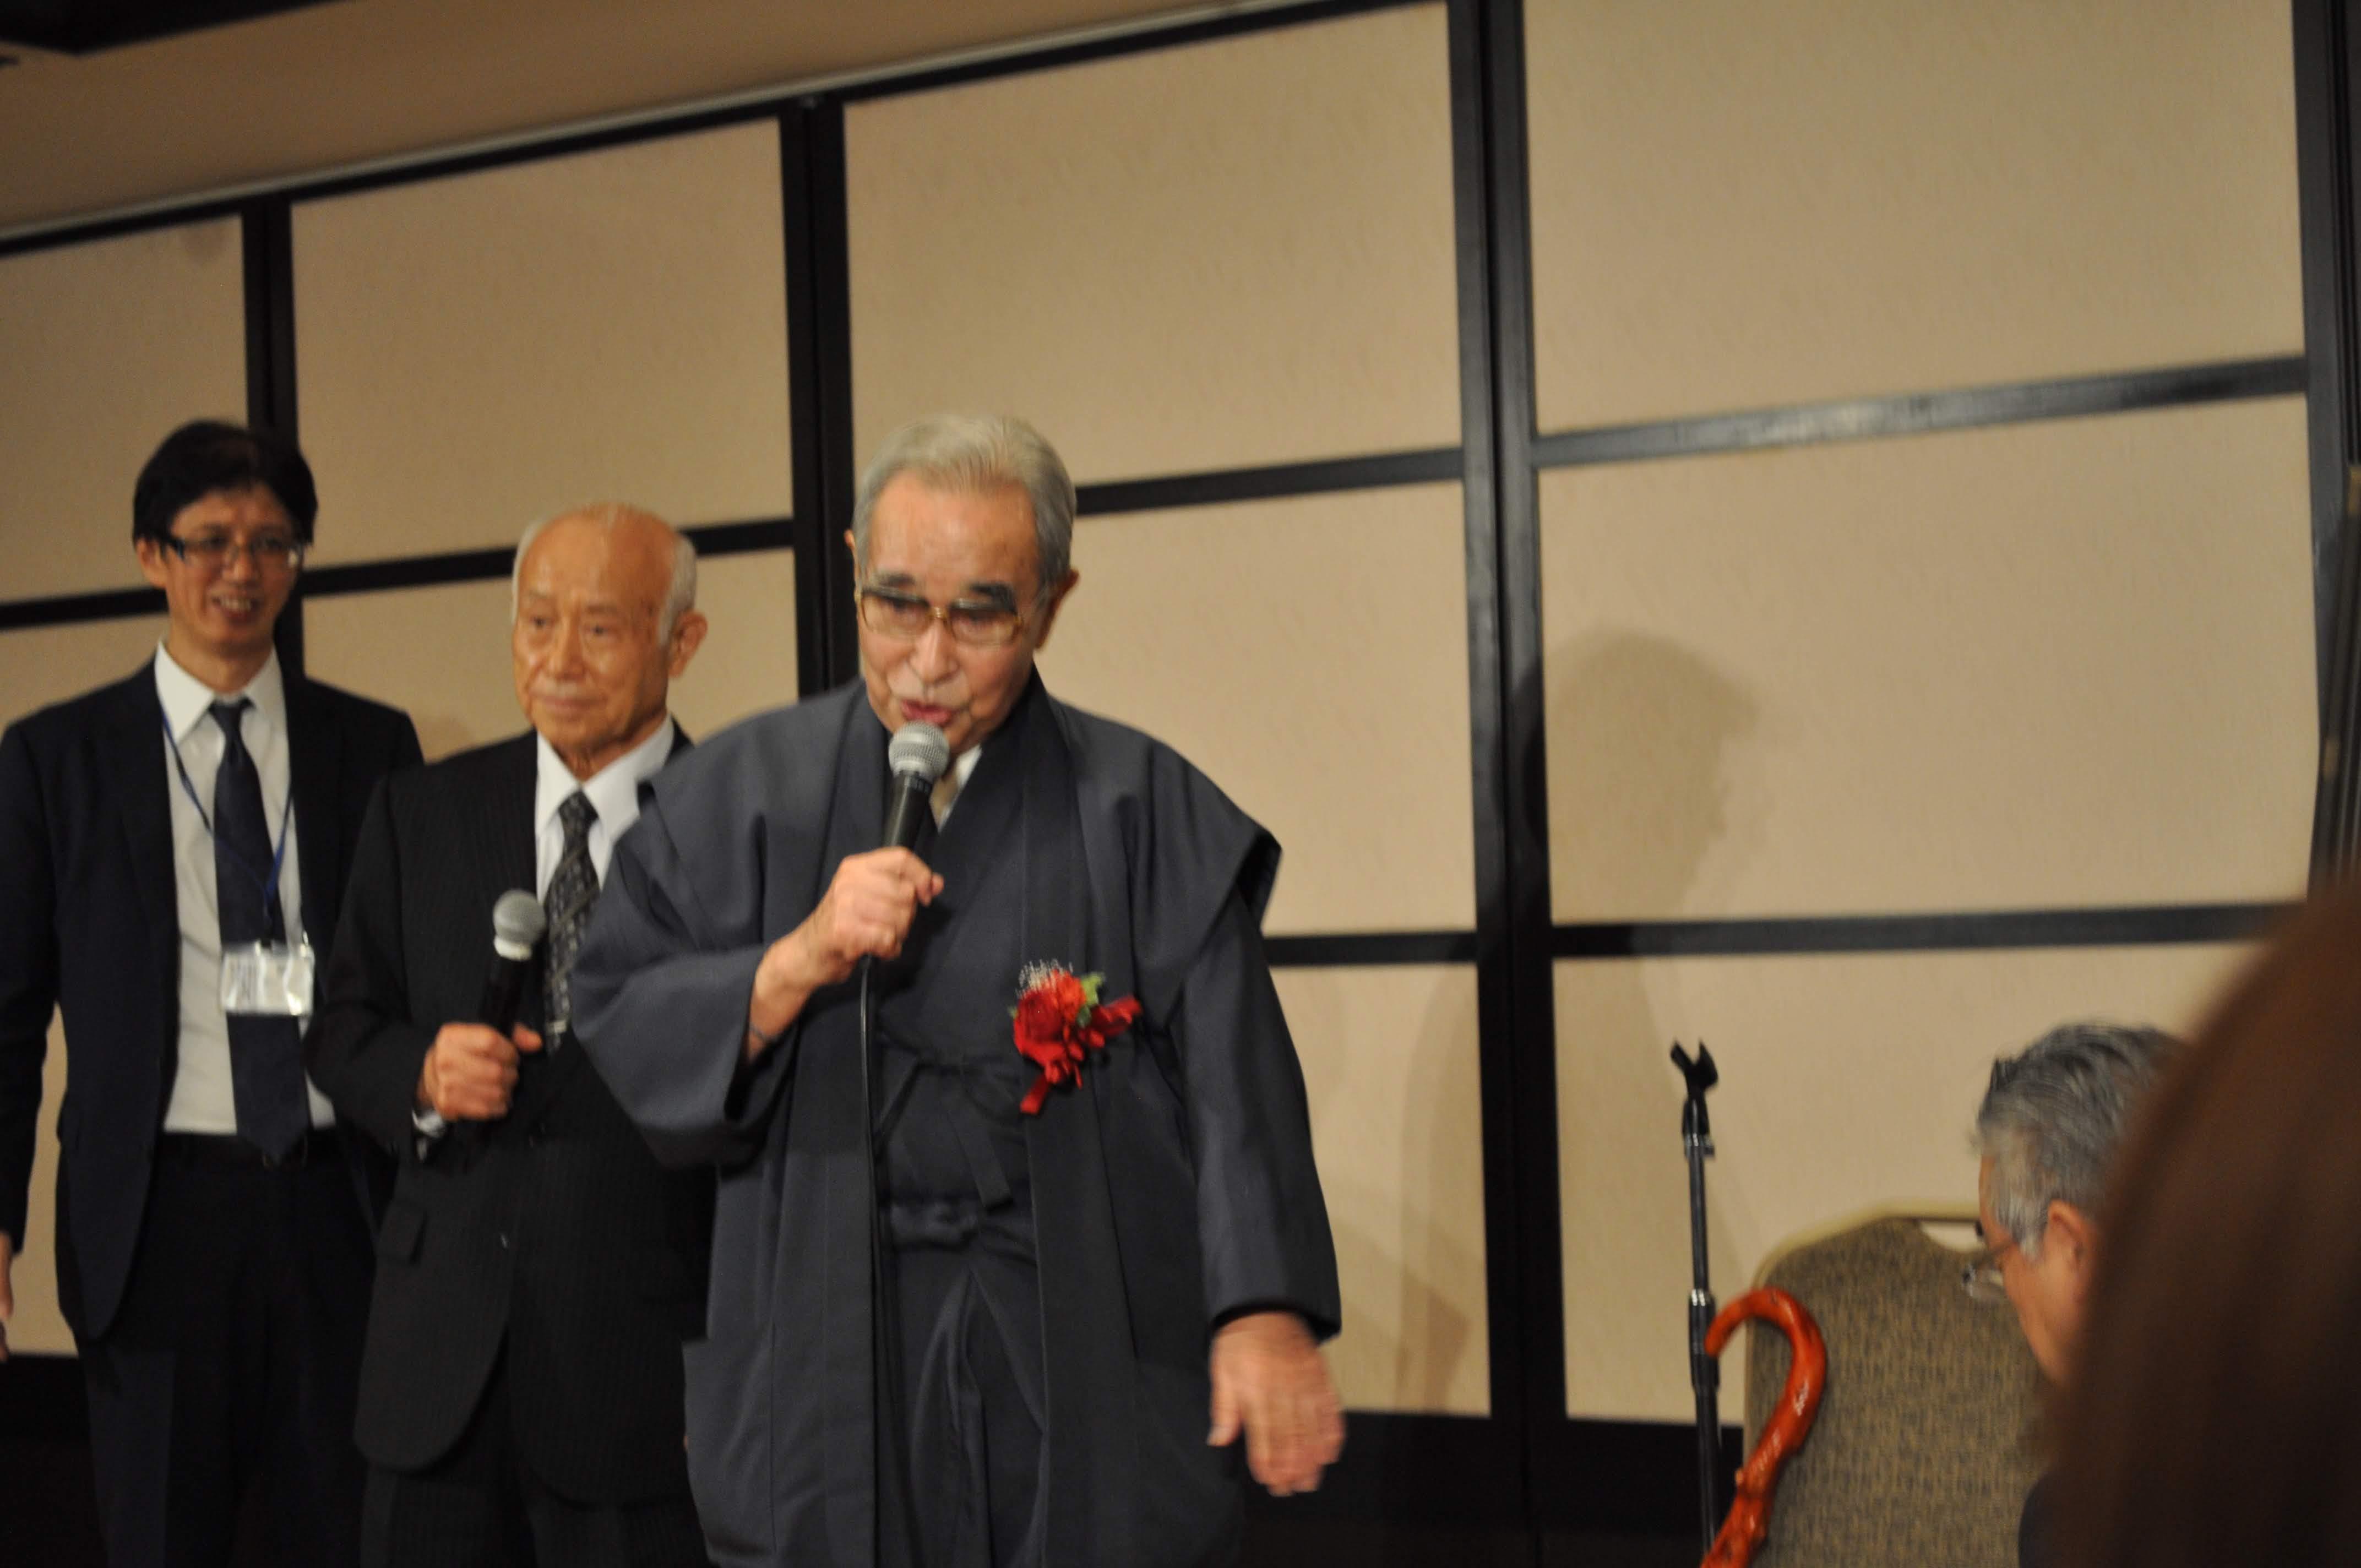 DSC 0536 1 - 思風会全国大会in広島